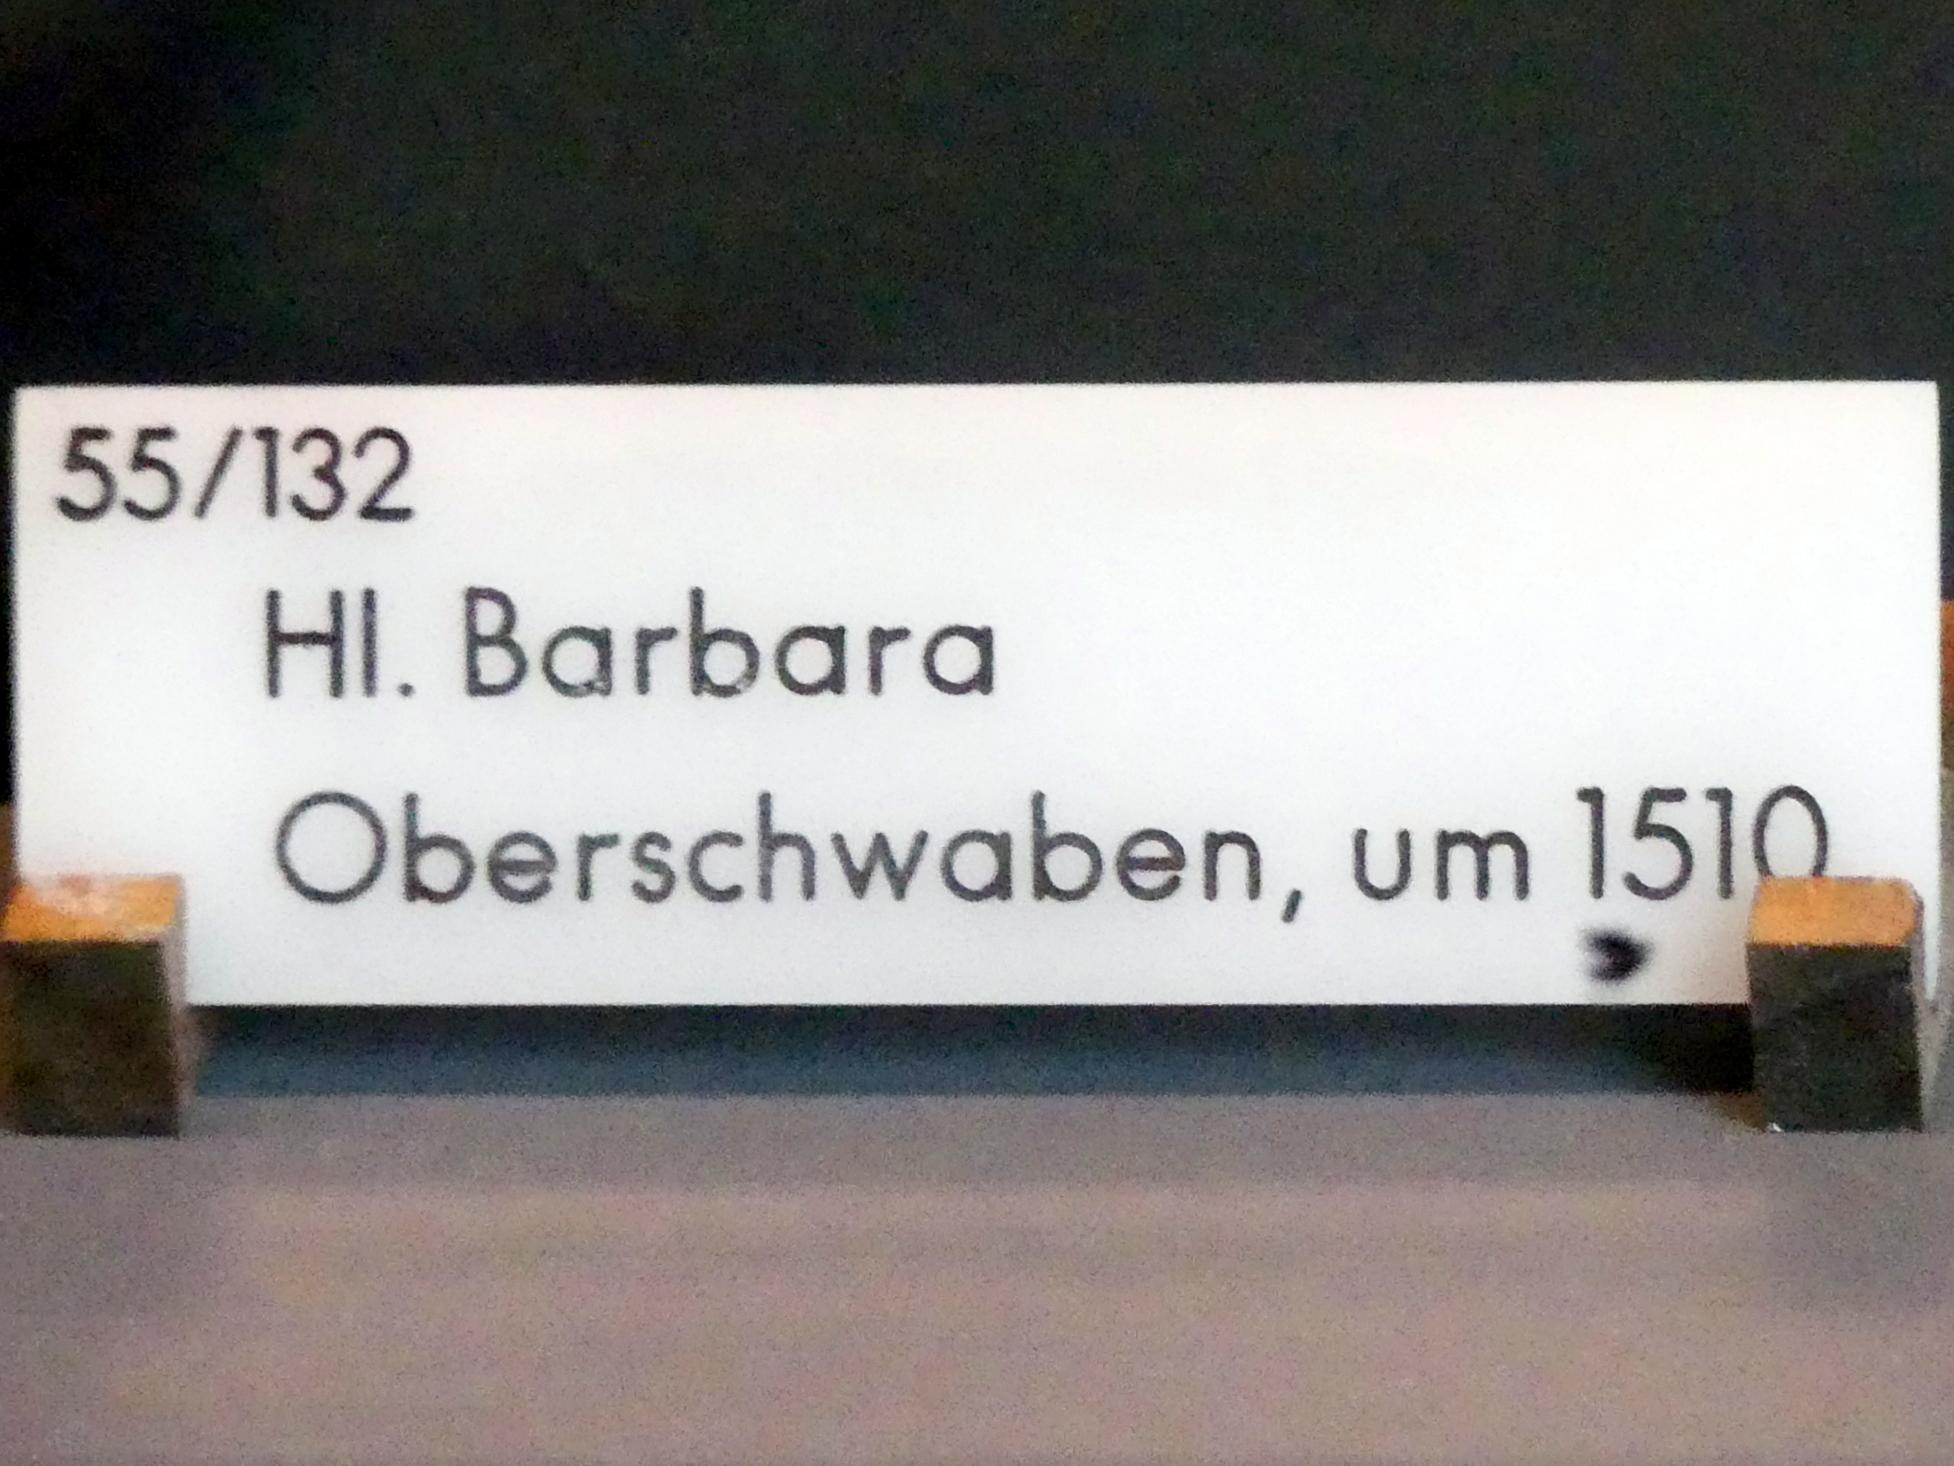 Hl. Barbara, Um 1510